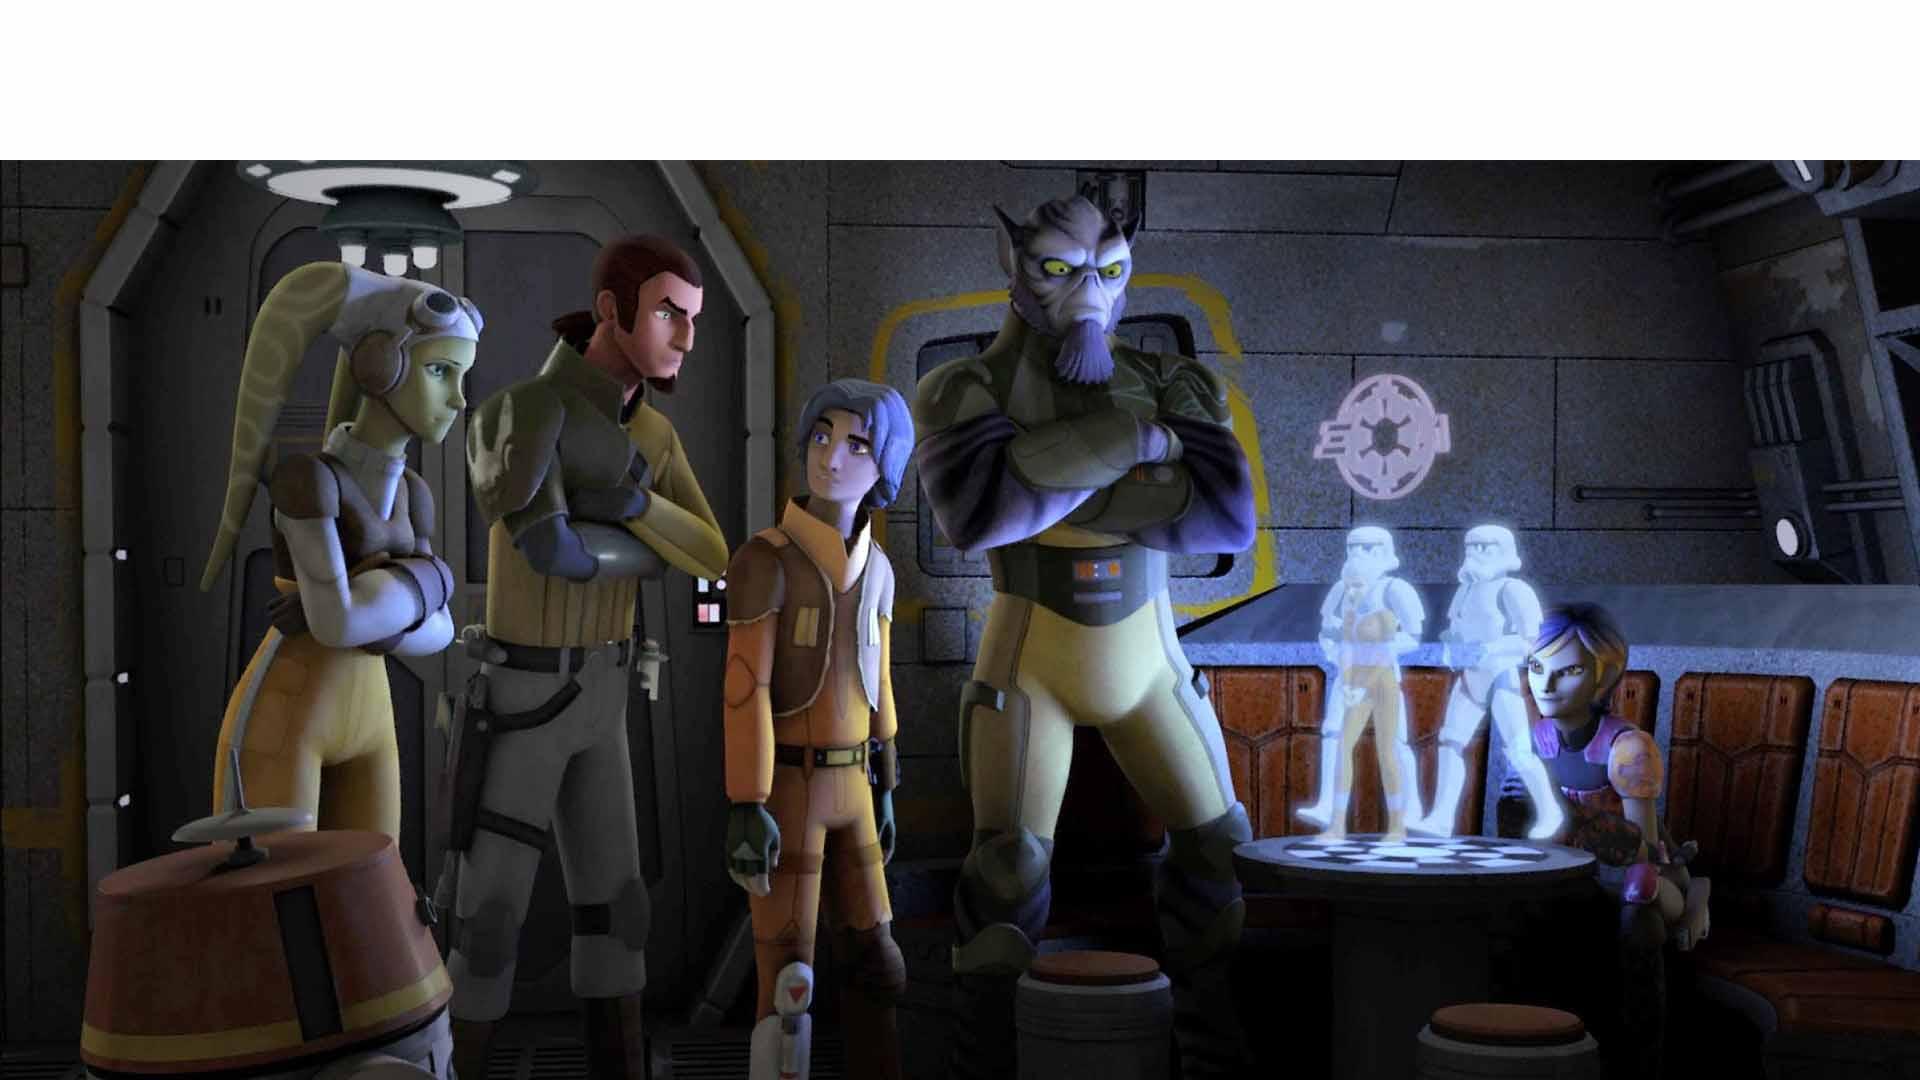 """La convención reveló también más detalles sobre """"Rogue One"""" que salta a las taquillas del mundo el próximo 16 de diciembre"""